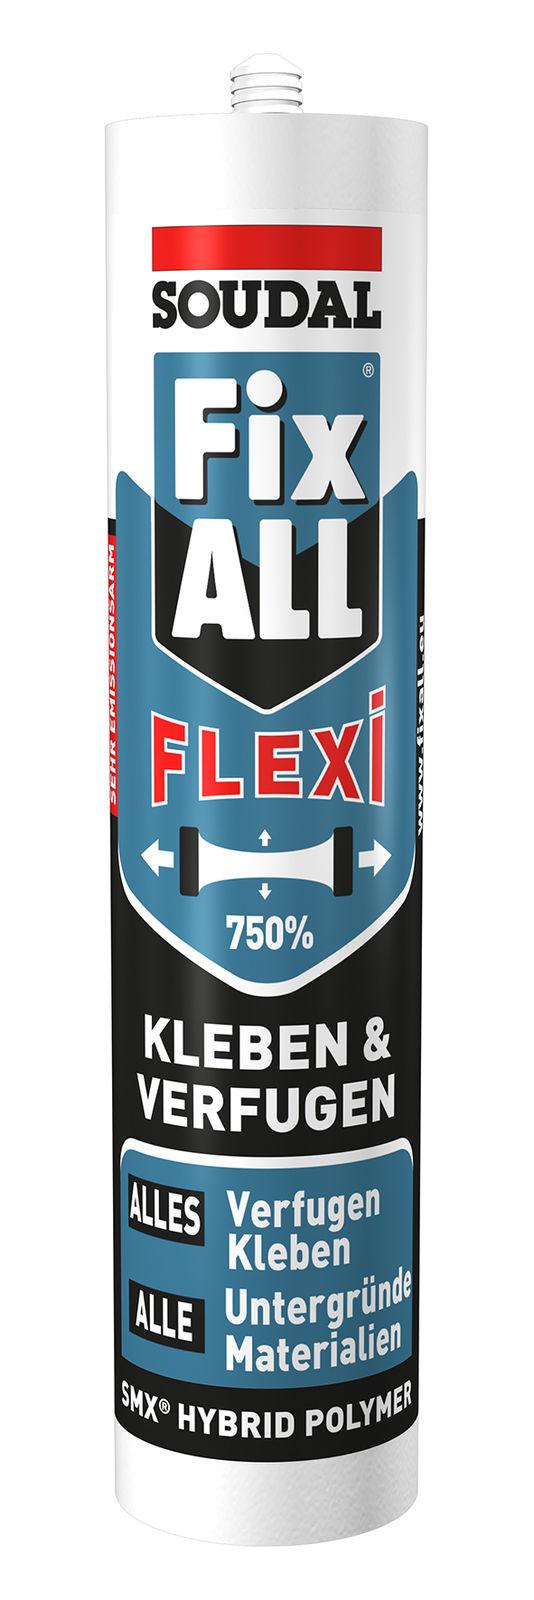 Soudal Fix All Flexi. Жидкие гвозди улучшенные Бельгия.